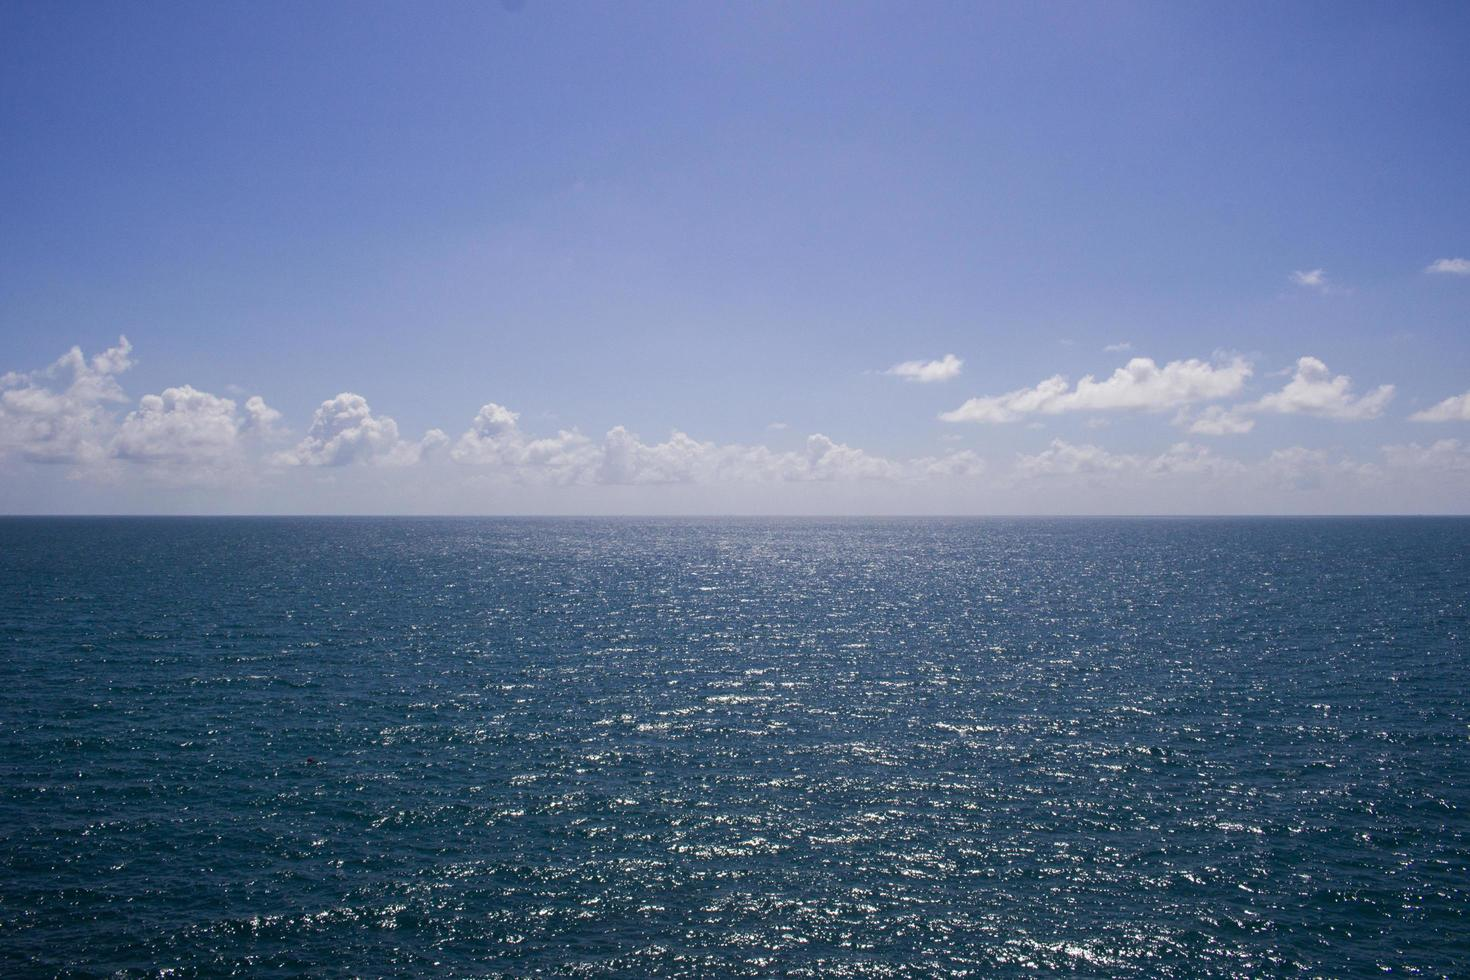 Clear view ocean photo